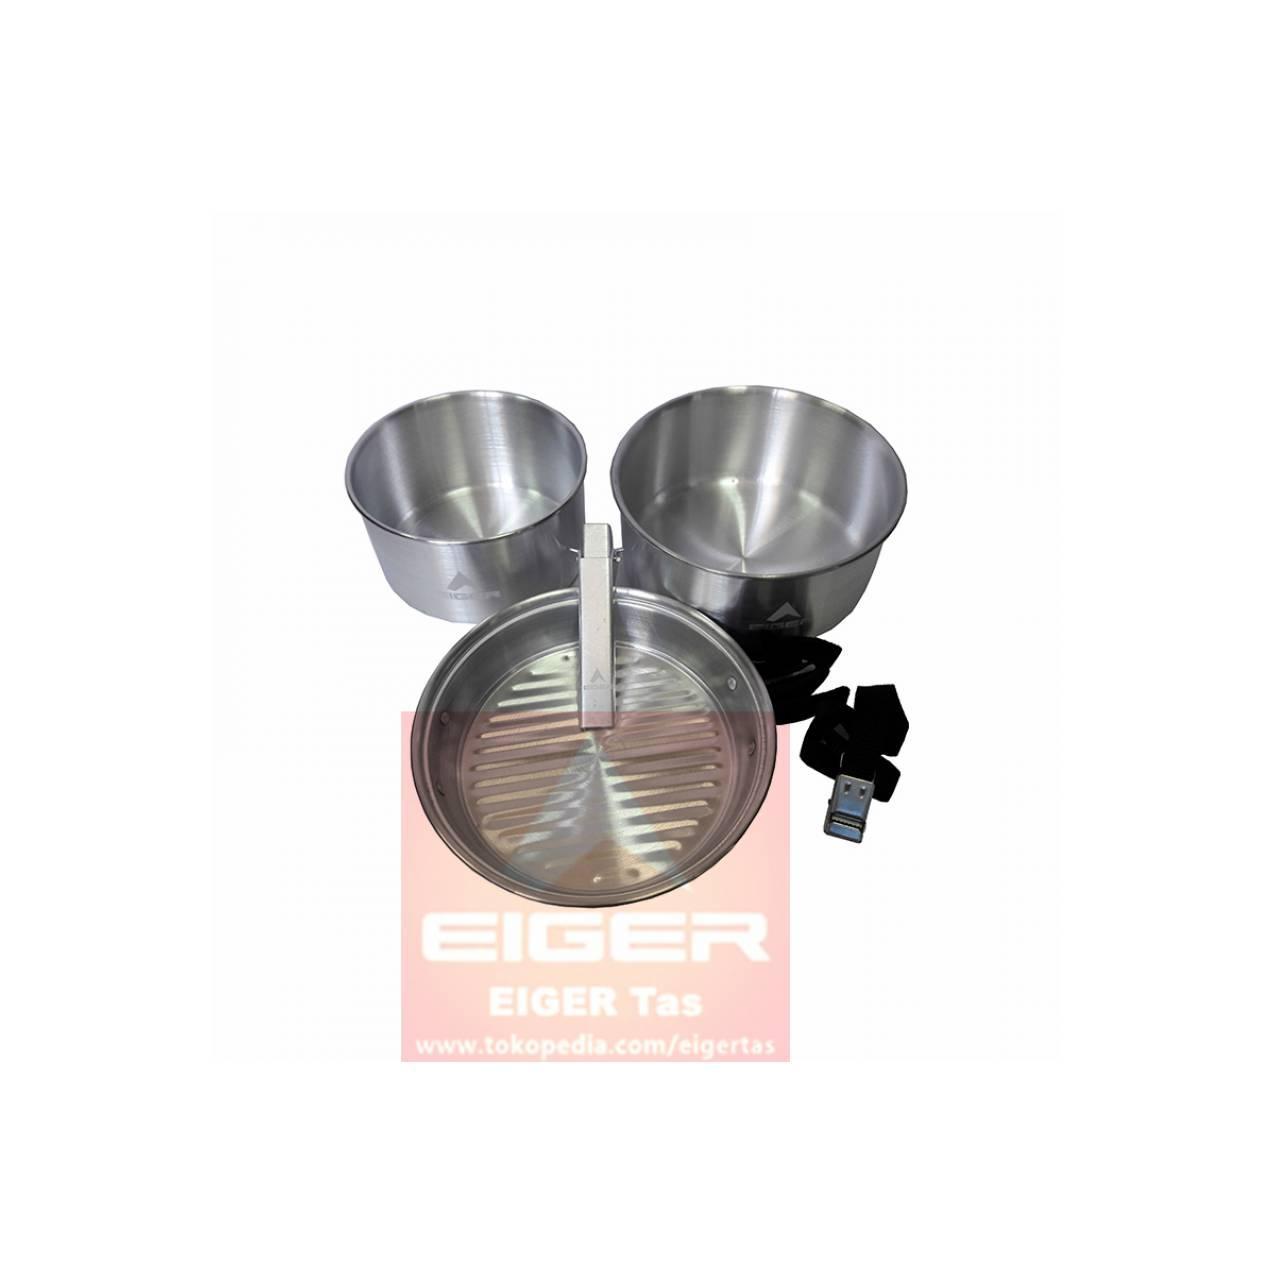 COOKING SET EIGER 910003519 001 CREW COOK SET 2 - ALAT MASAK CAMPING